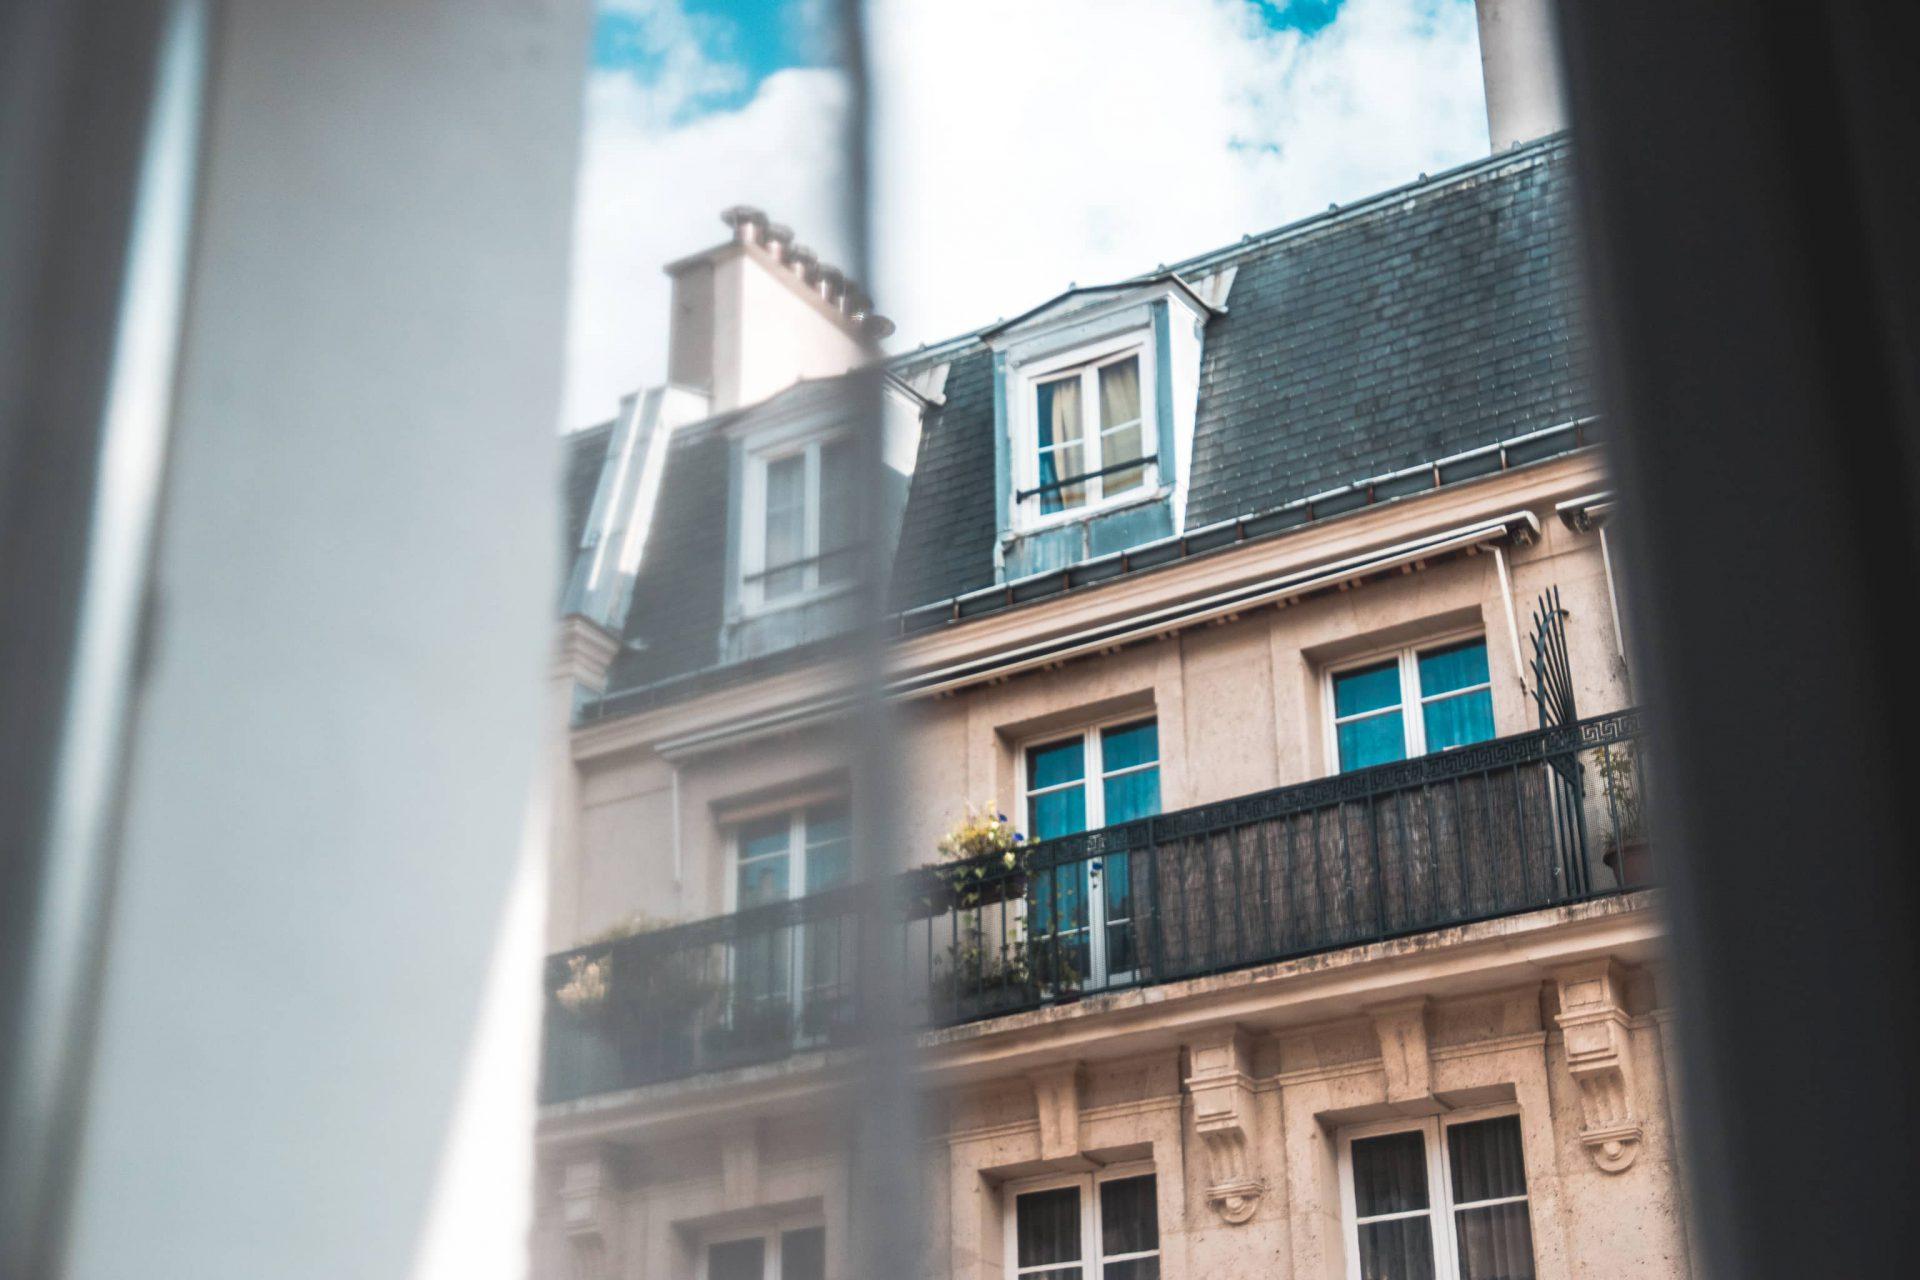 ParisAirbnb7 - Wat te doen in Parijs: 55 tips voor een leuke stedentrip (+ budget tips!)